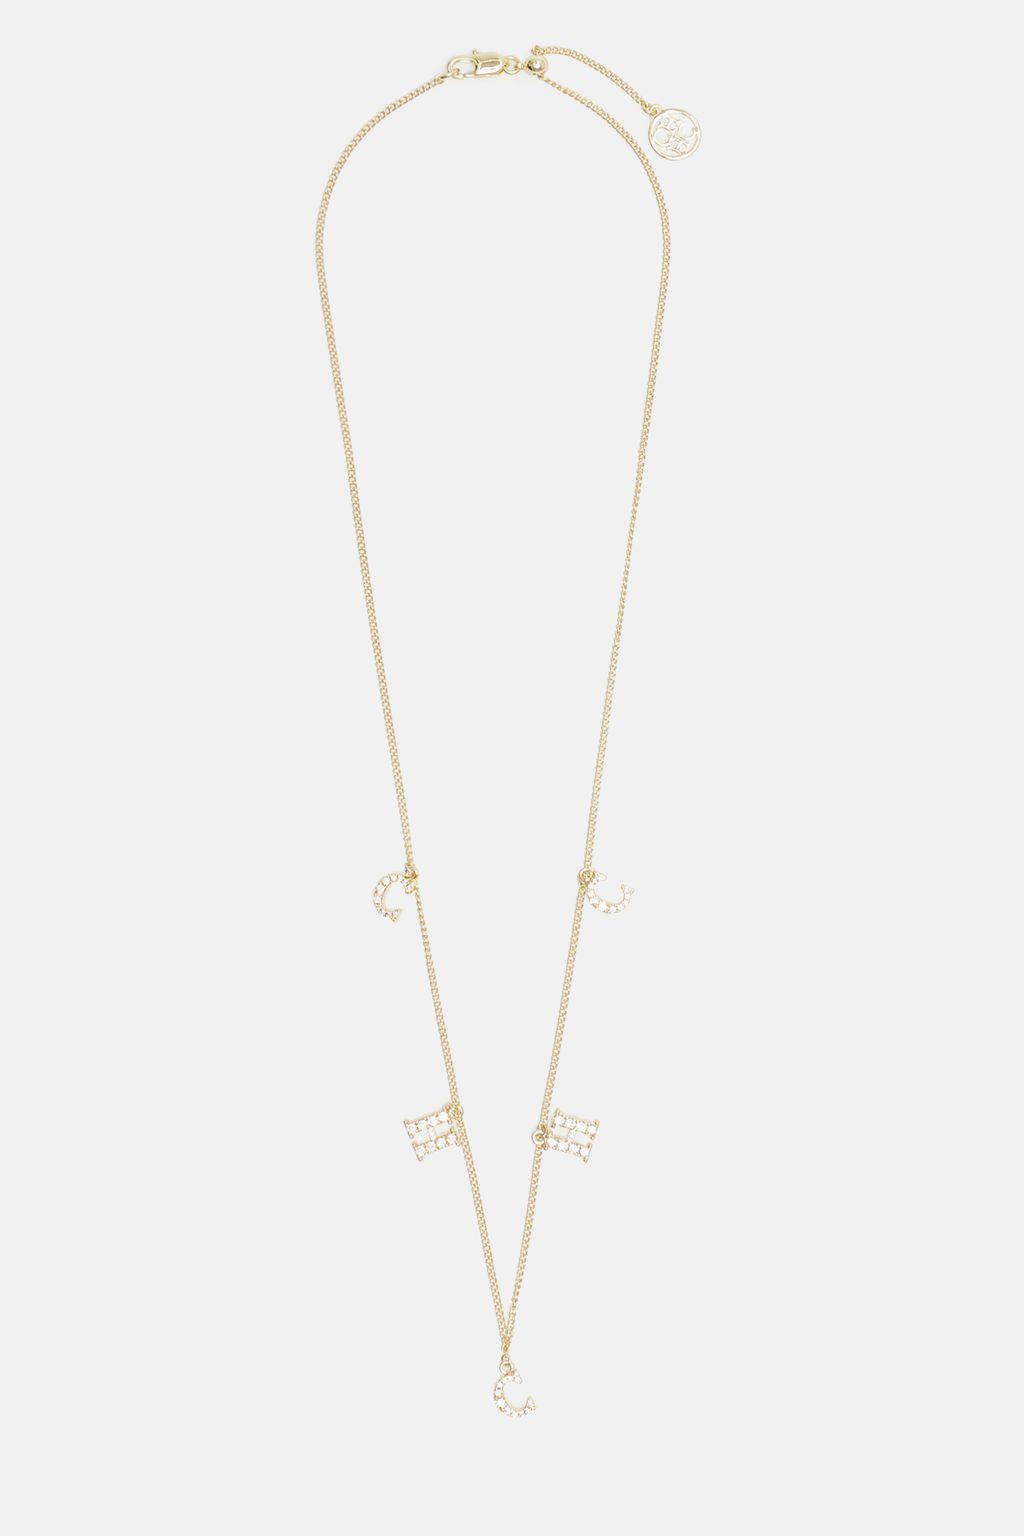 Petite CH necklace